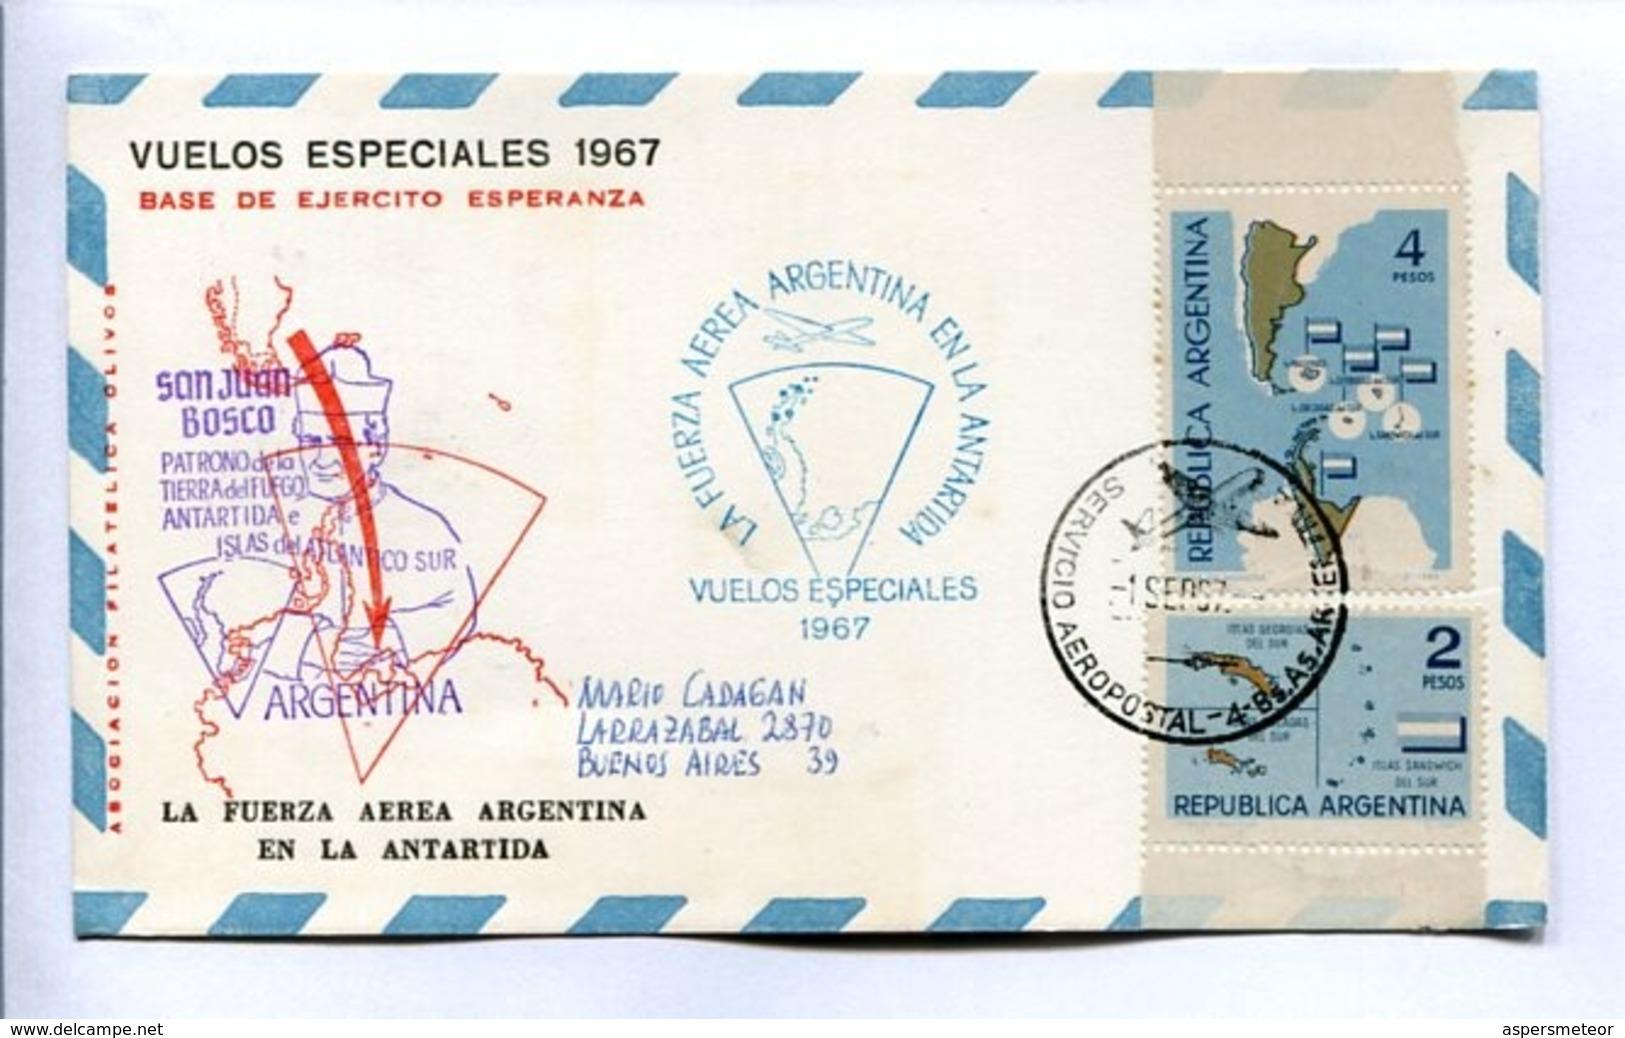 VUELOS ESPECIALES 1967 - BASE DE EJERCITO ESPERANZA. FUERZA AEREA ARGENTINA EN LA ANTÁRTIDA. CARTE PAR AVION -LILHU - Vols Polaires